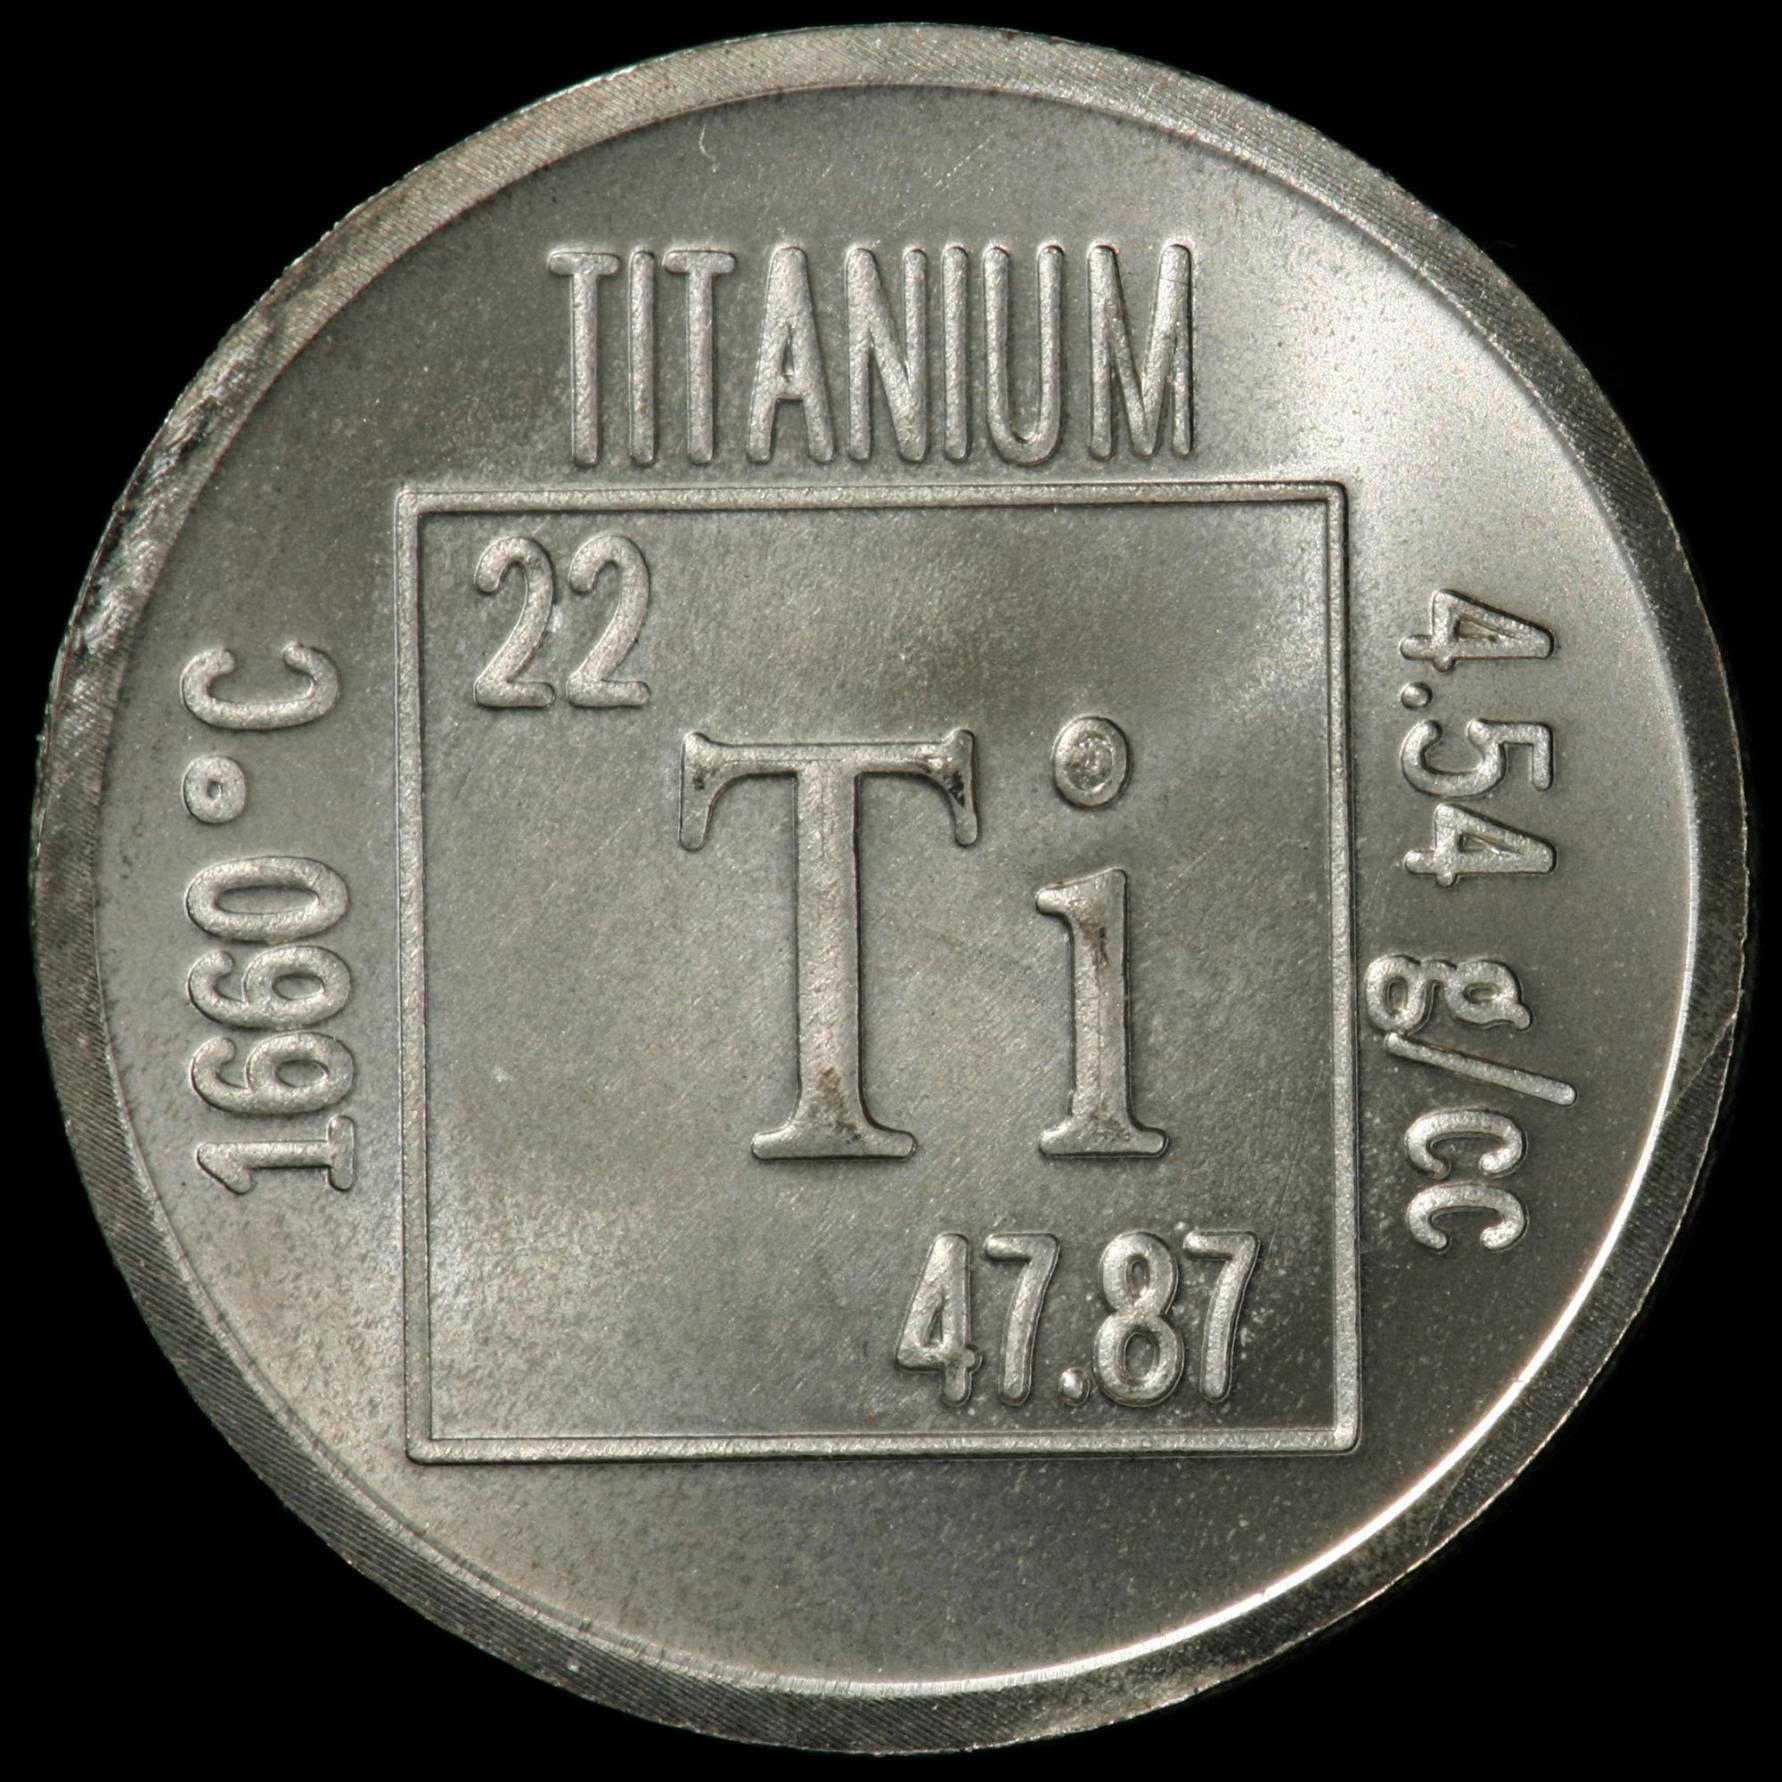 1 Silver Coin Price